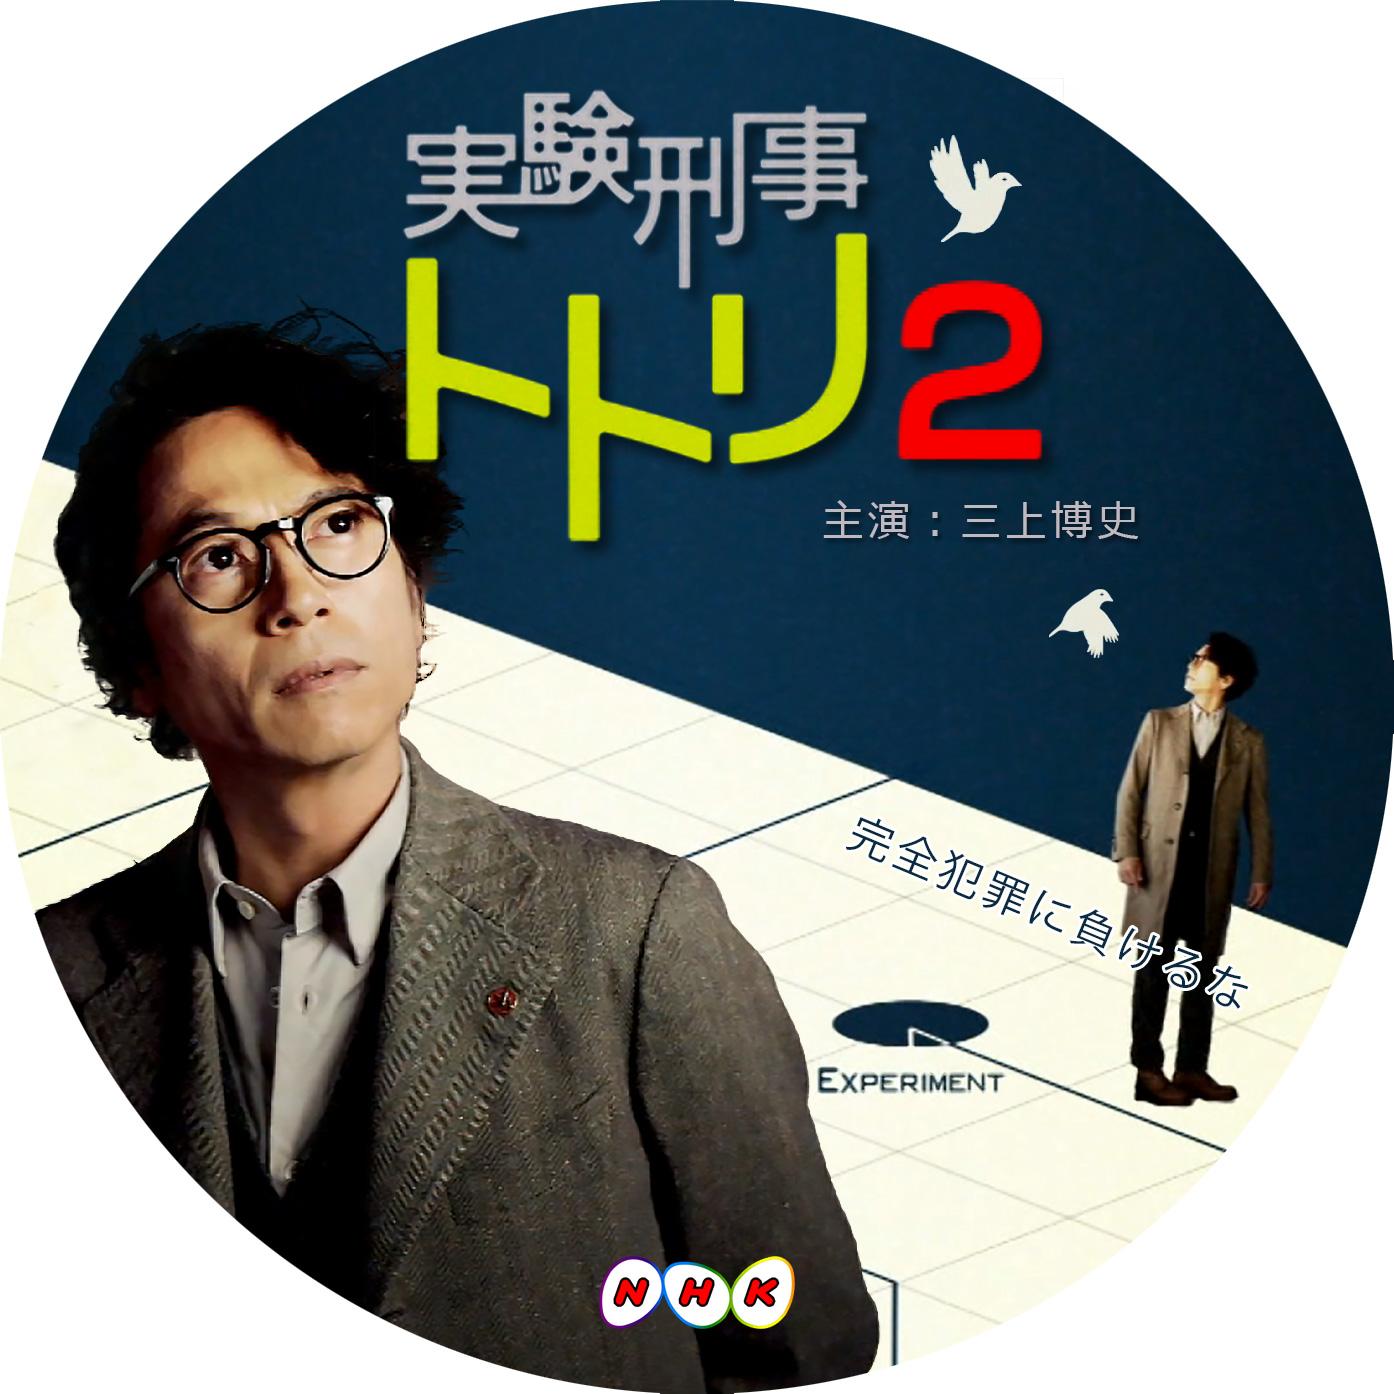 実験刑事トトリ2 DVDラベル